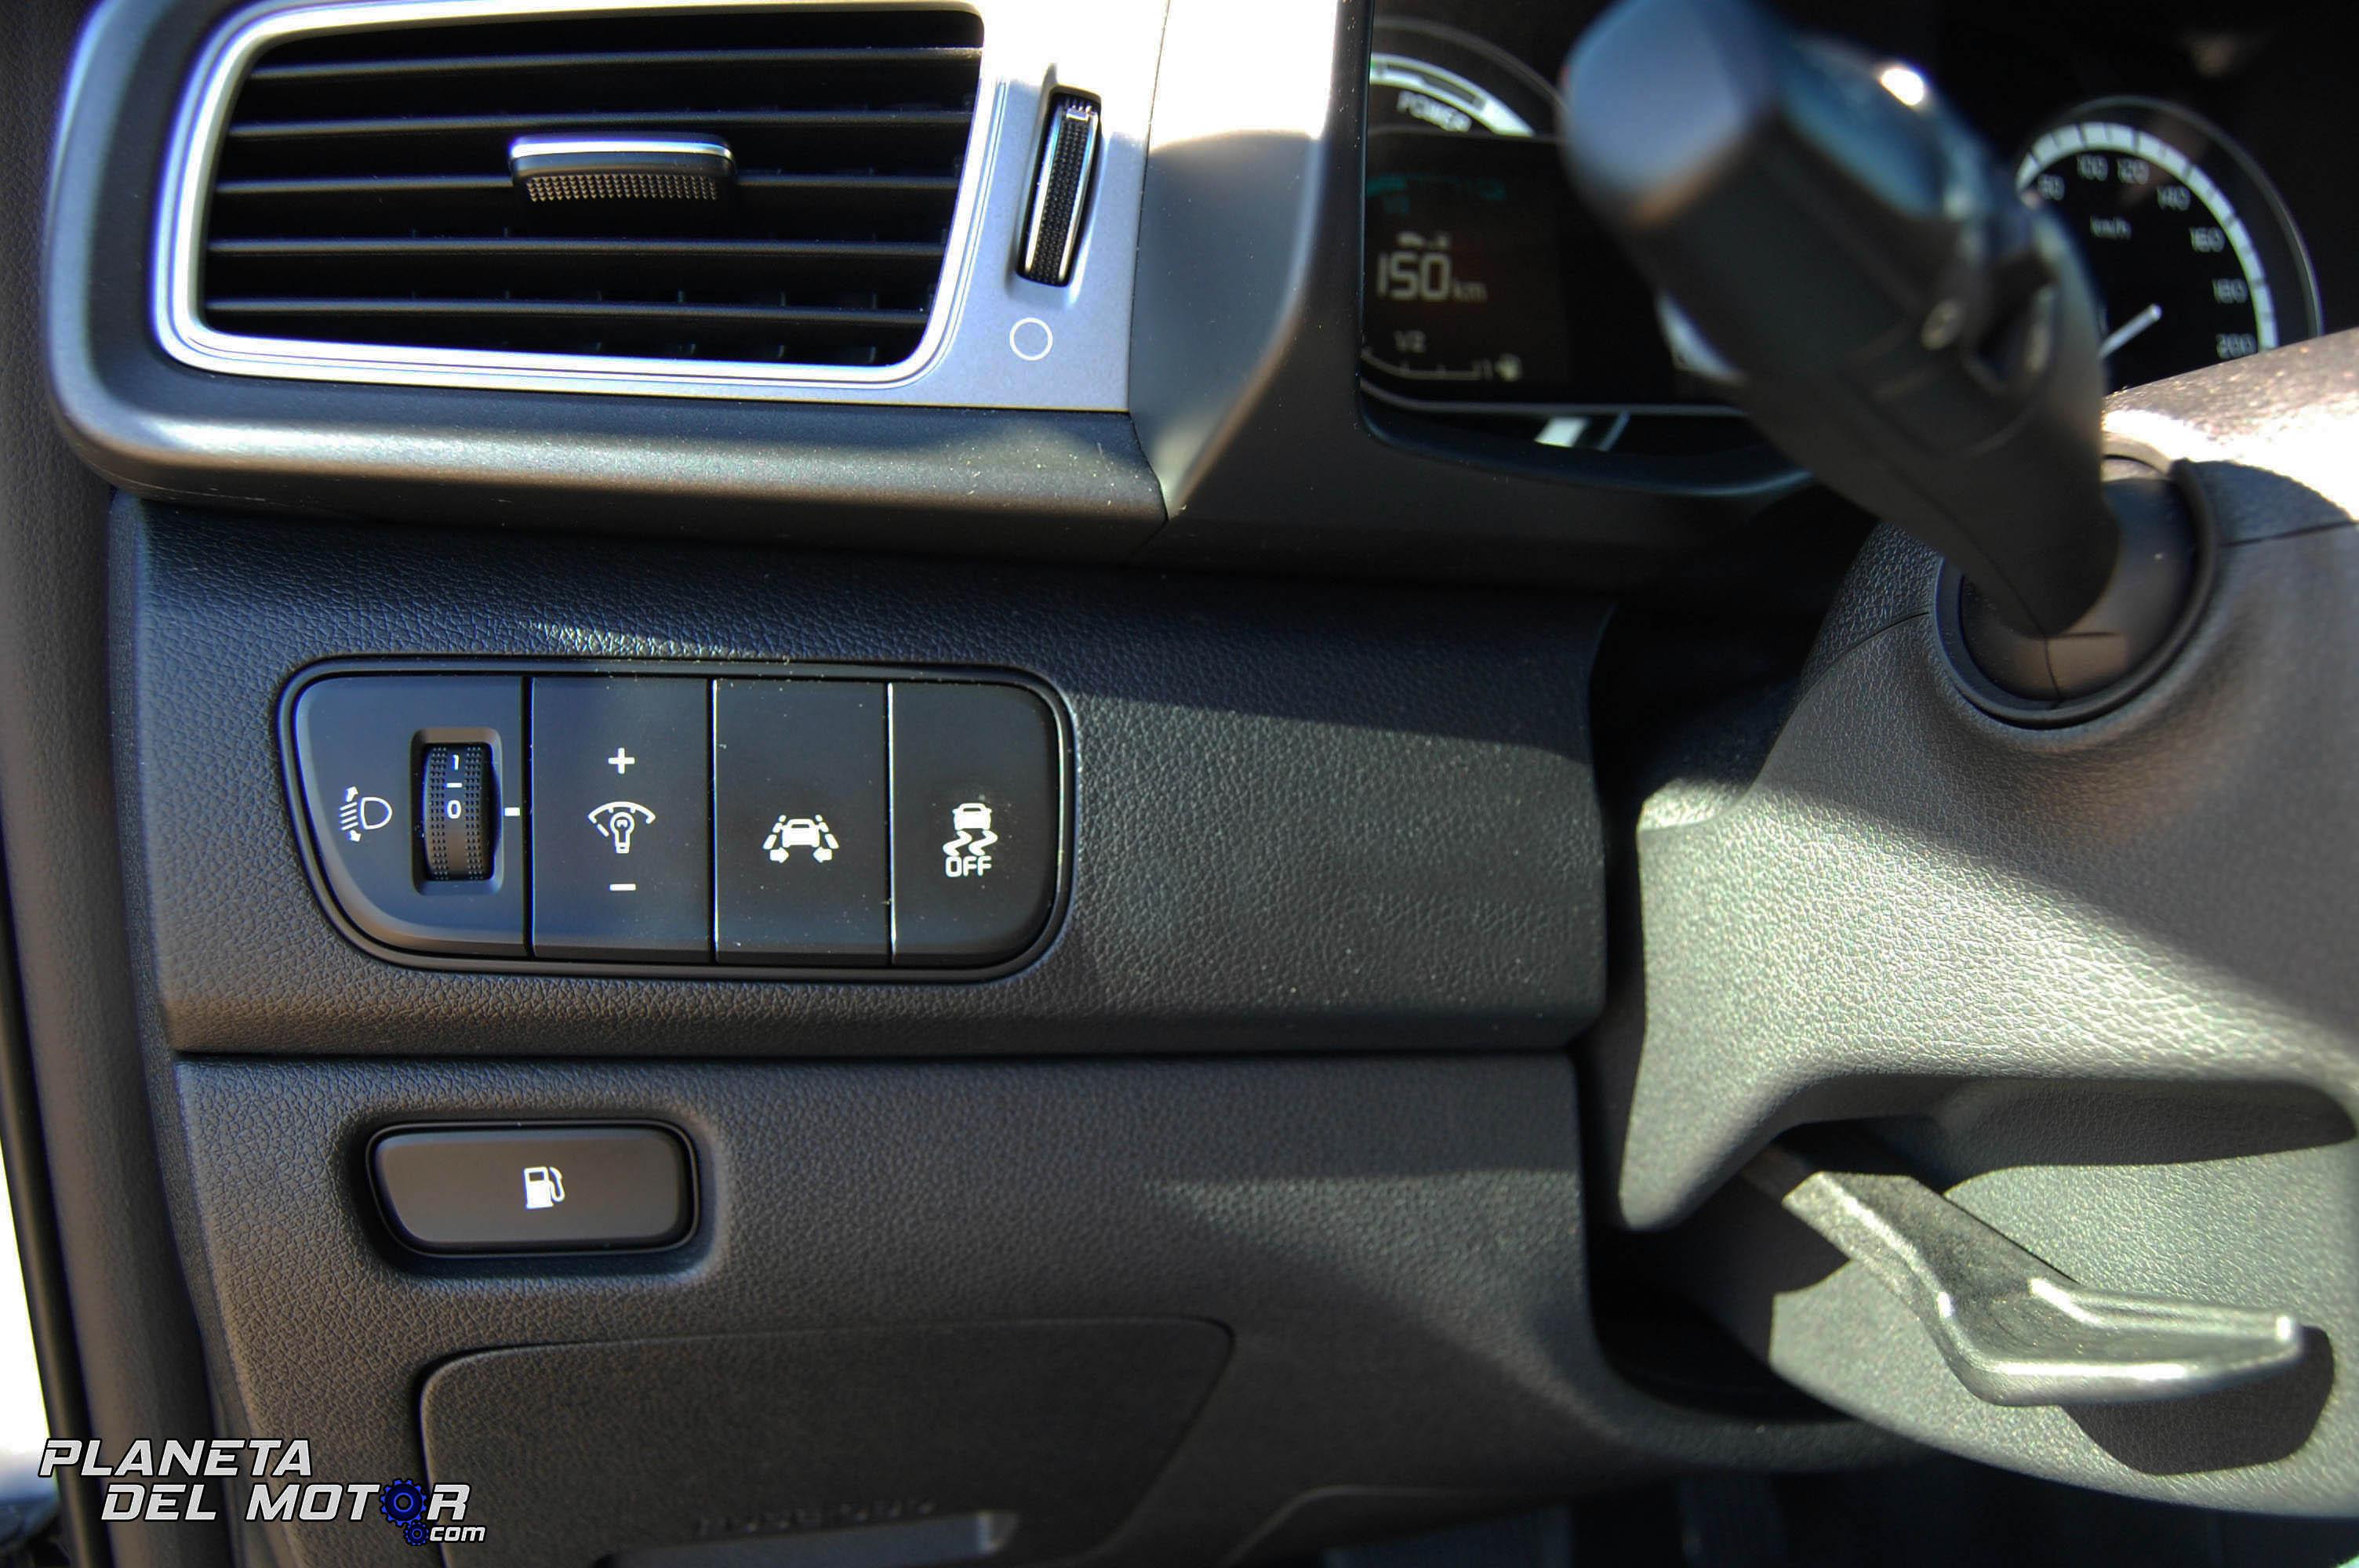 Interior kia niro 30 planeta del motor - Kia niro interior ...